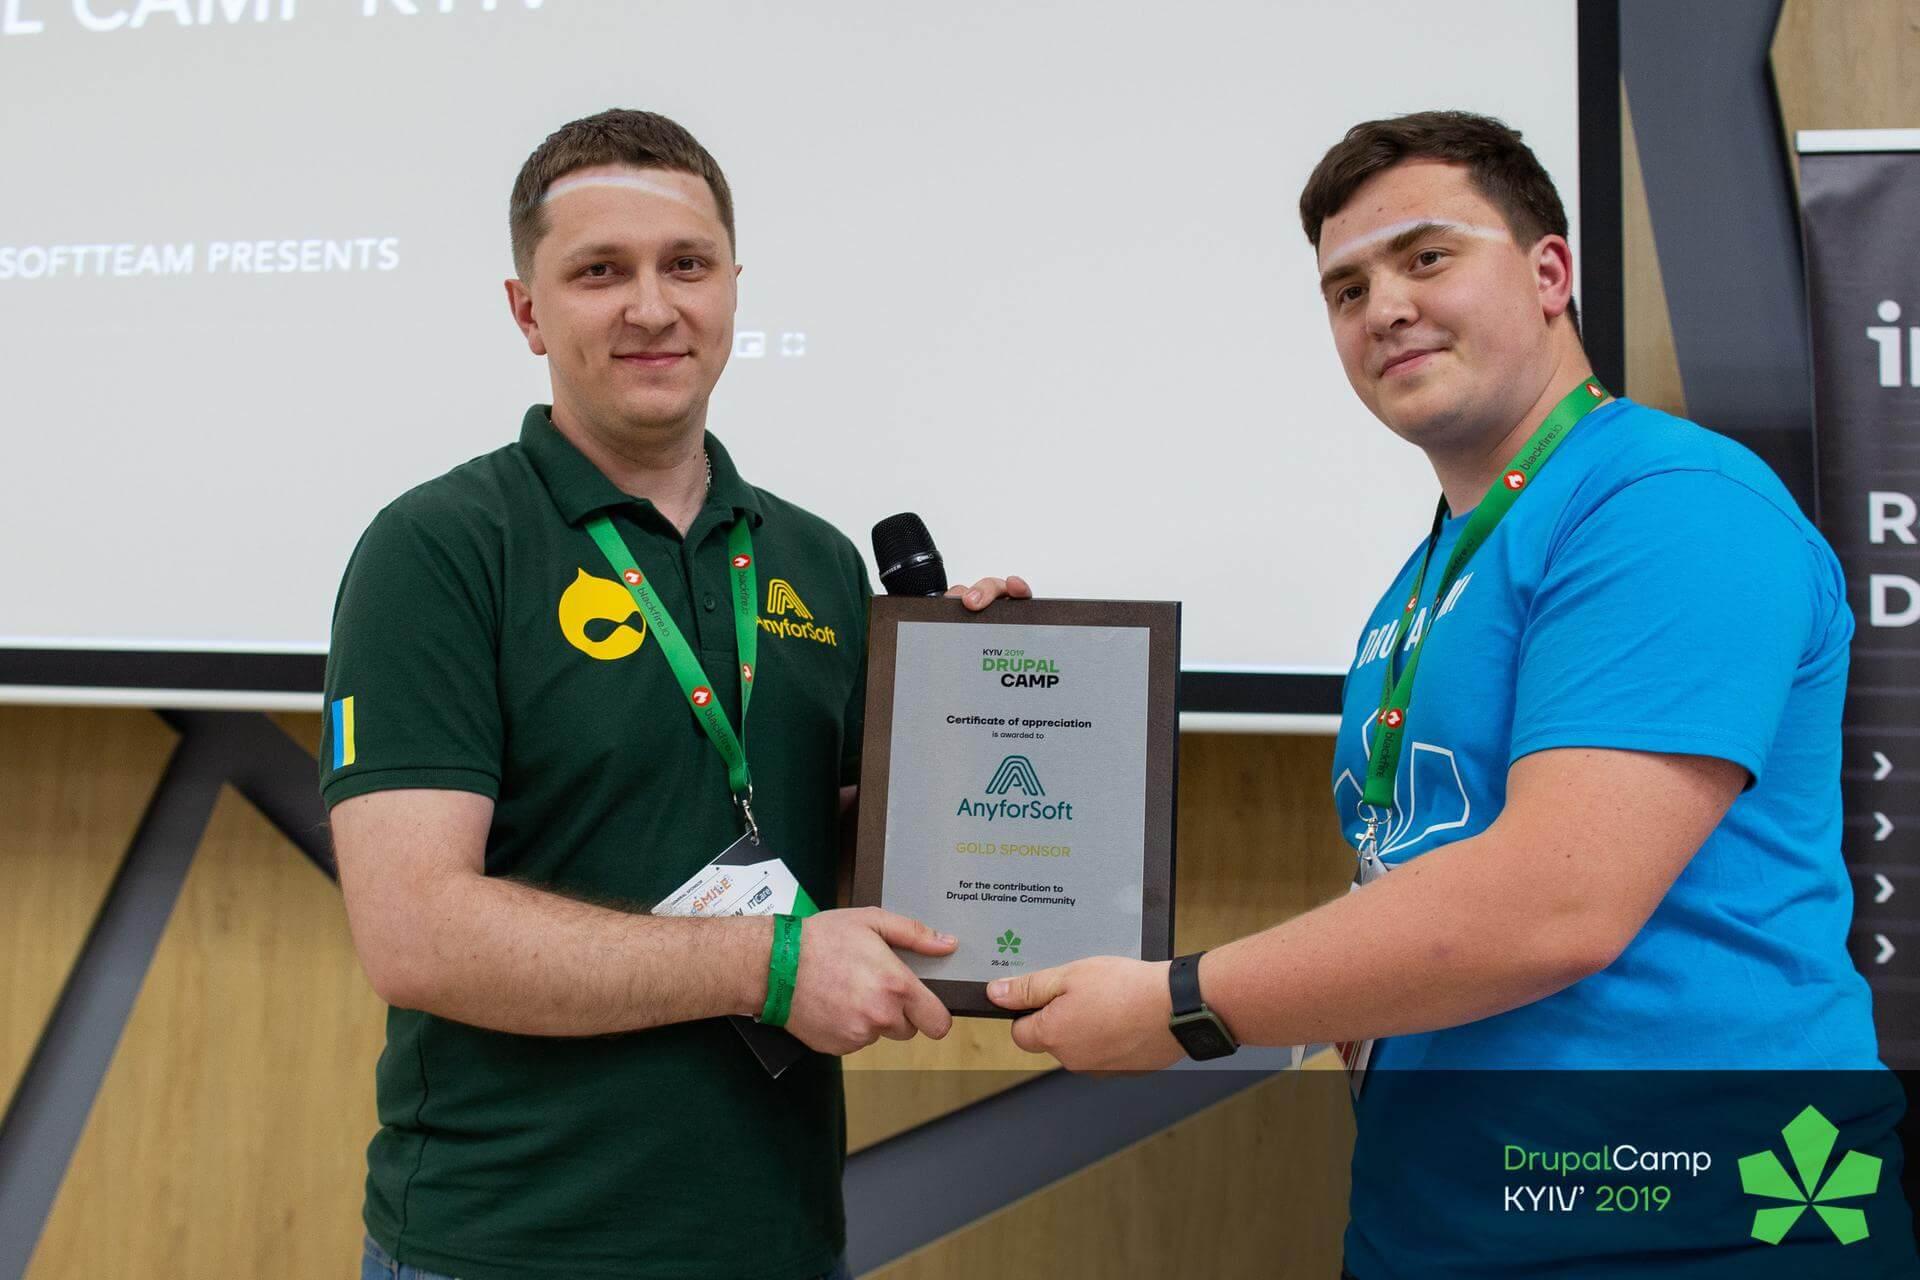 AnyforSoft CEO award